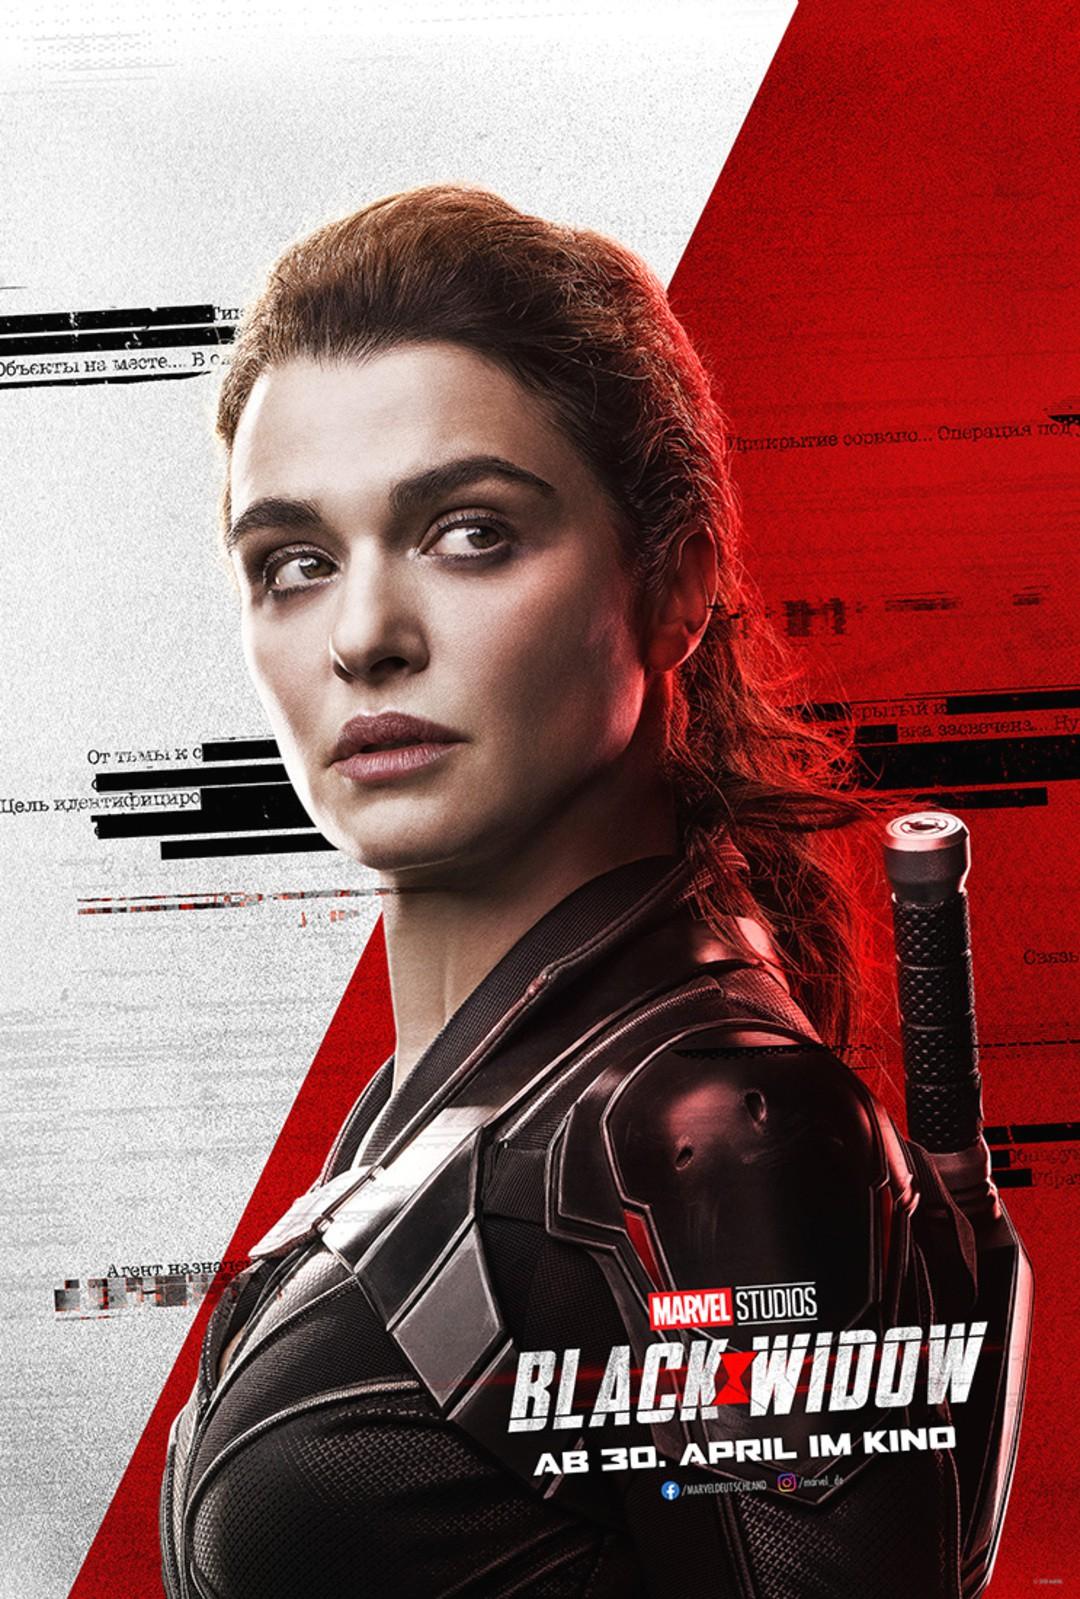 Black Widow: Finaler Trailer zum Marvel-Film mit Scarlett Johansson